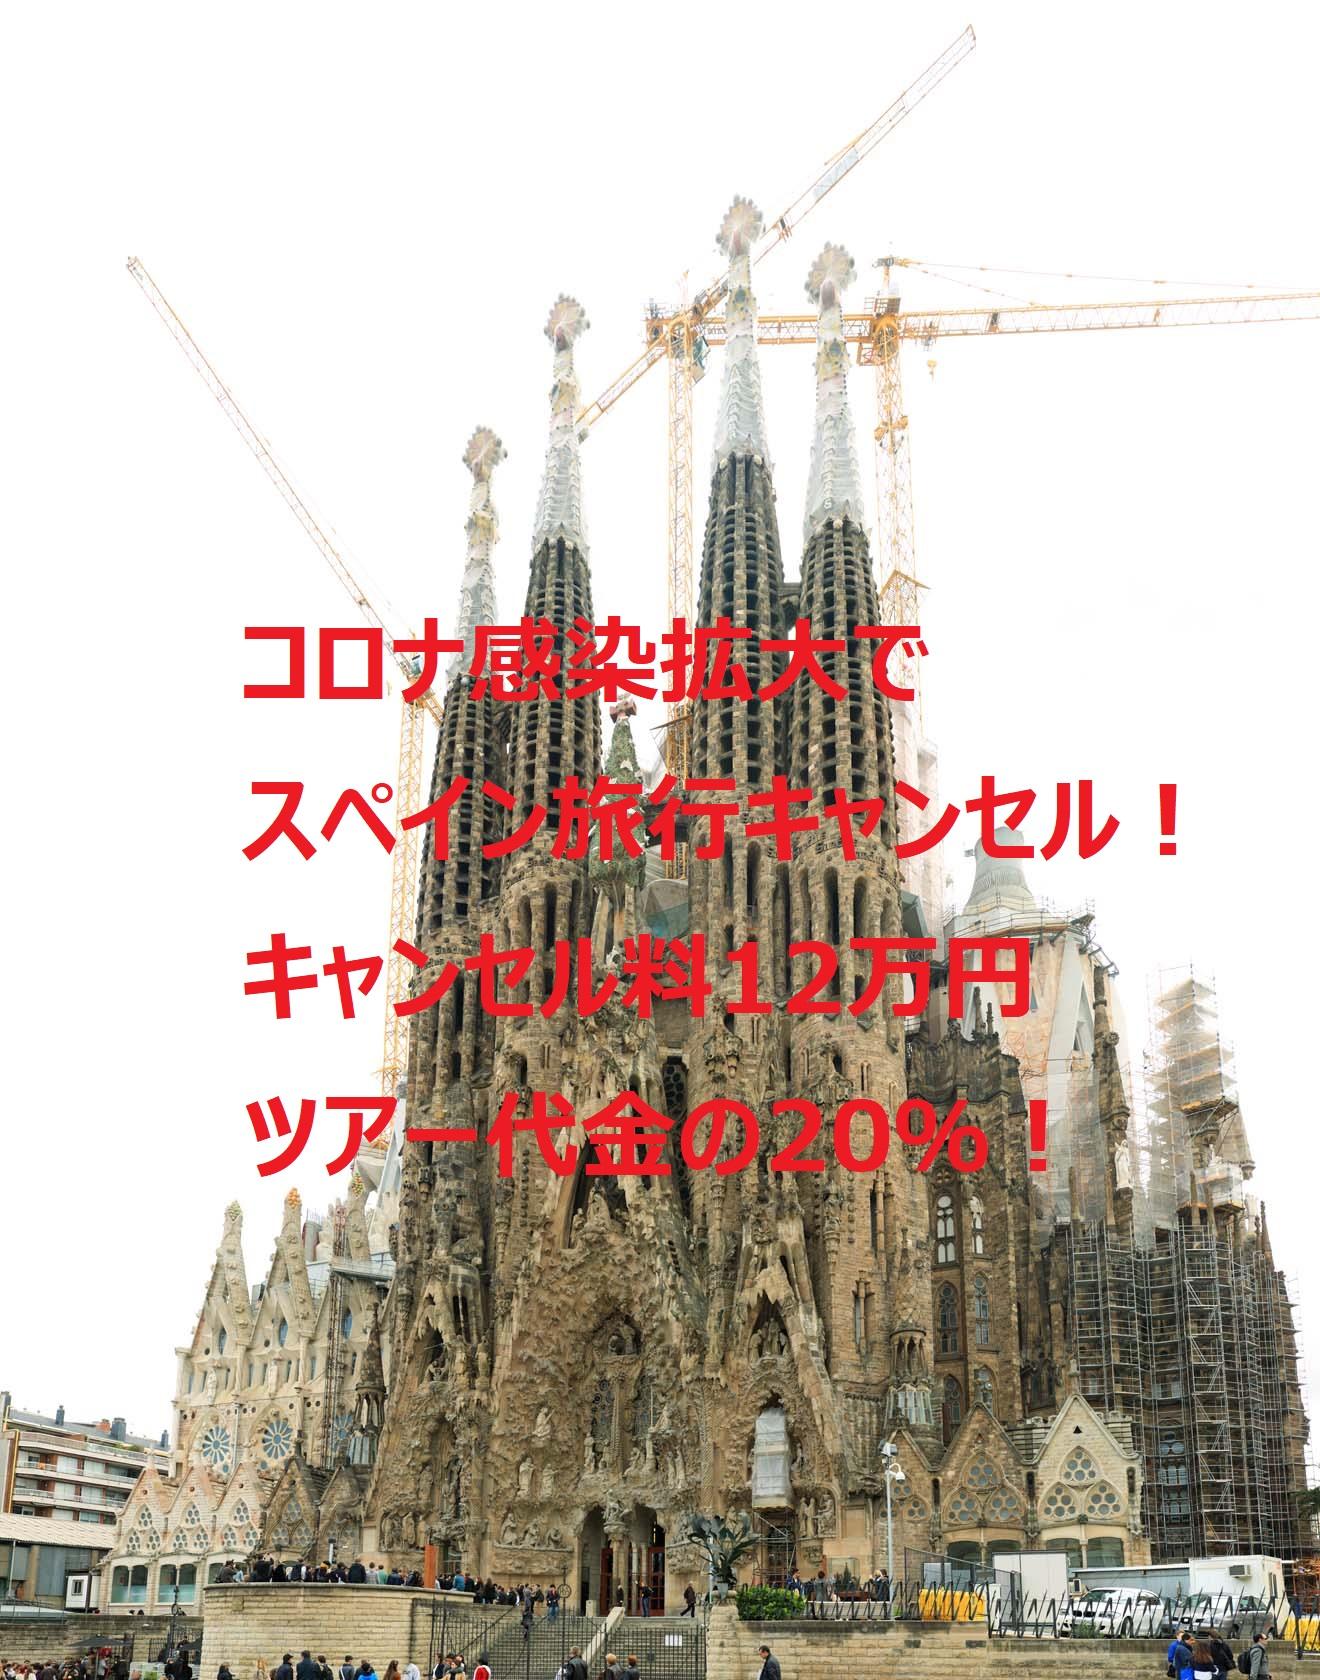 コロナ感染拡大でスペイン旅行キャンセル!キャンセル料12万円 ツアー代金の20%! イメージ画像